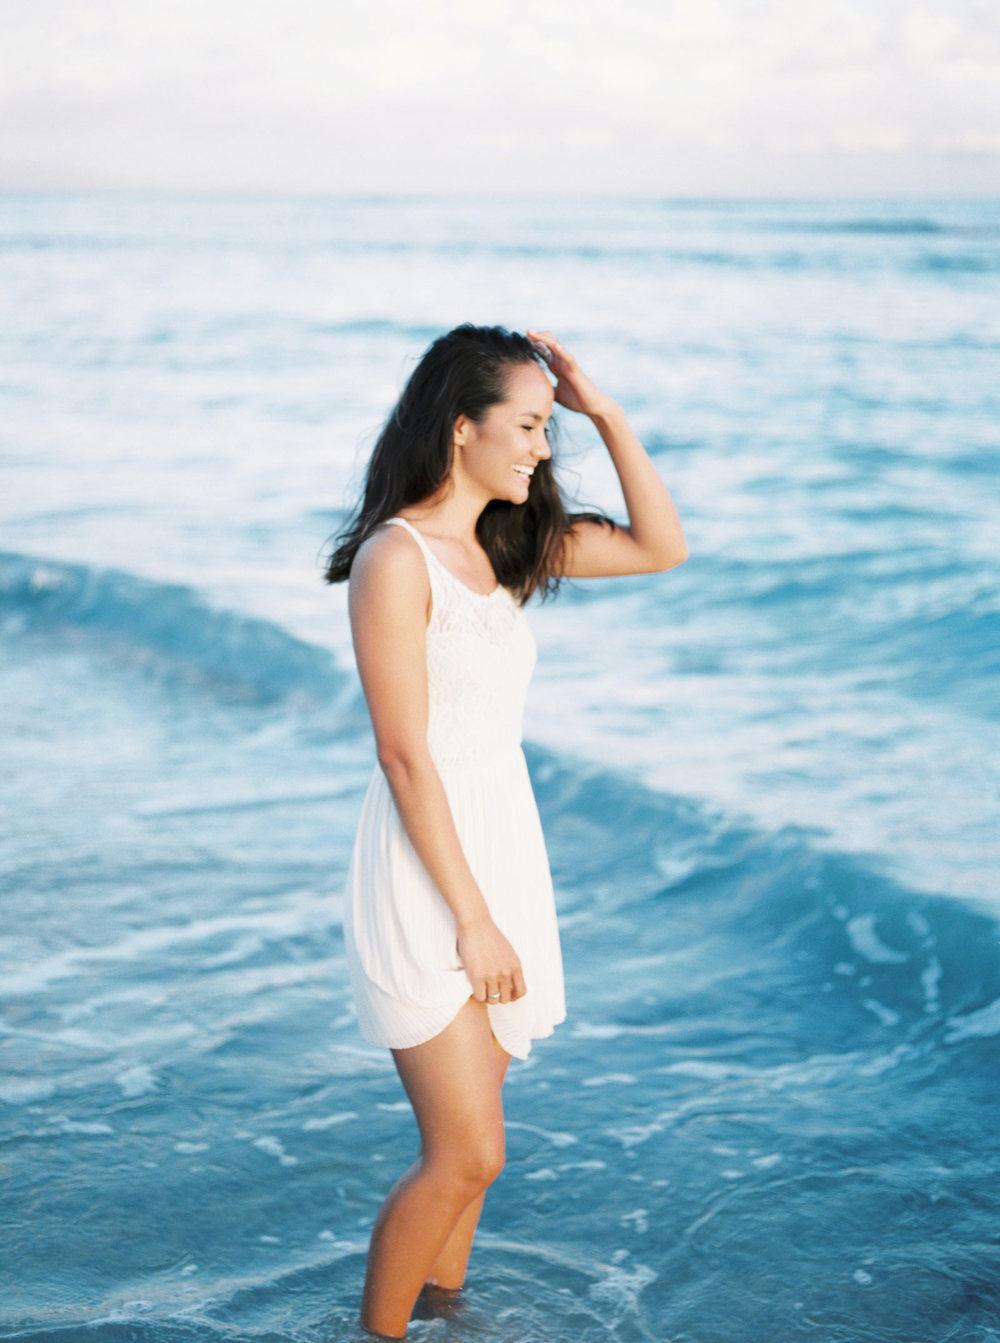 Maui-portrait-photos-013.jpg